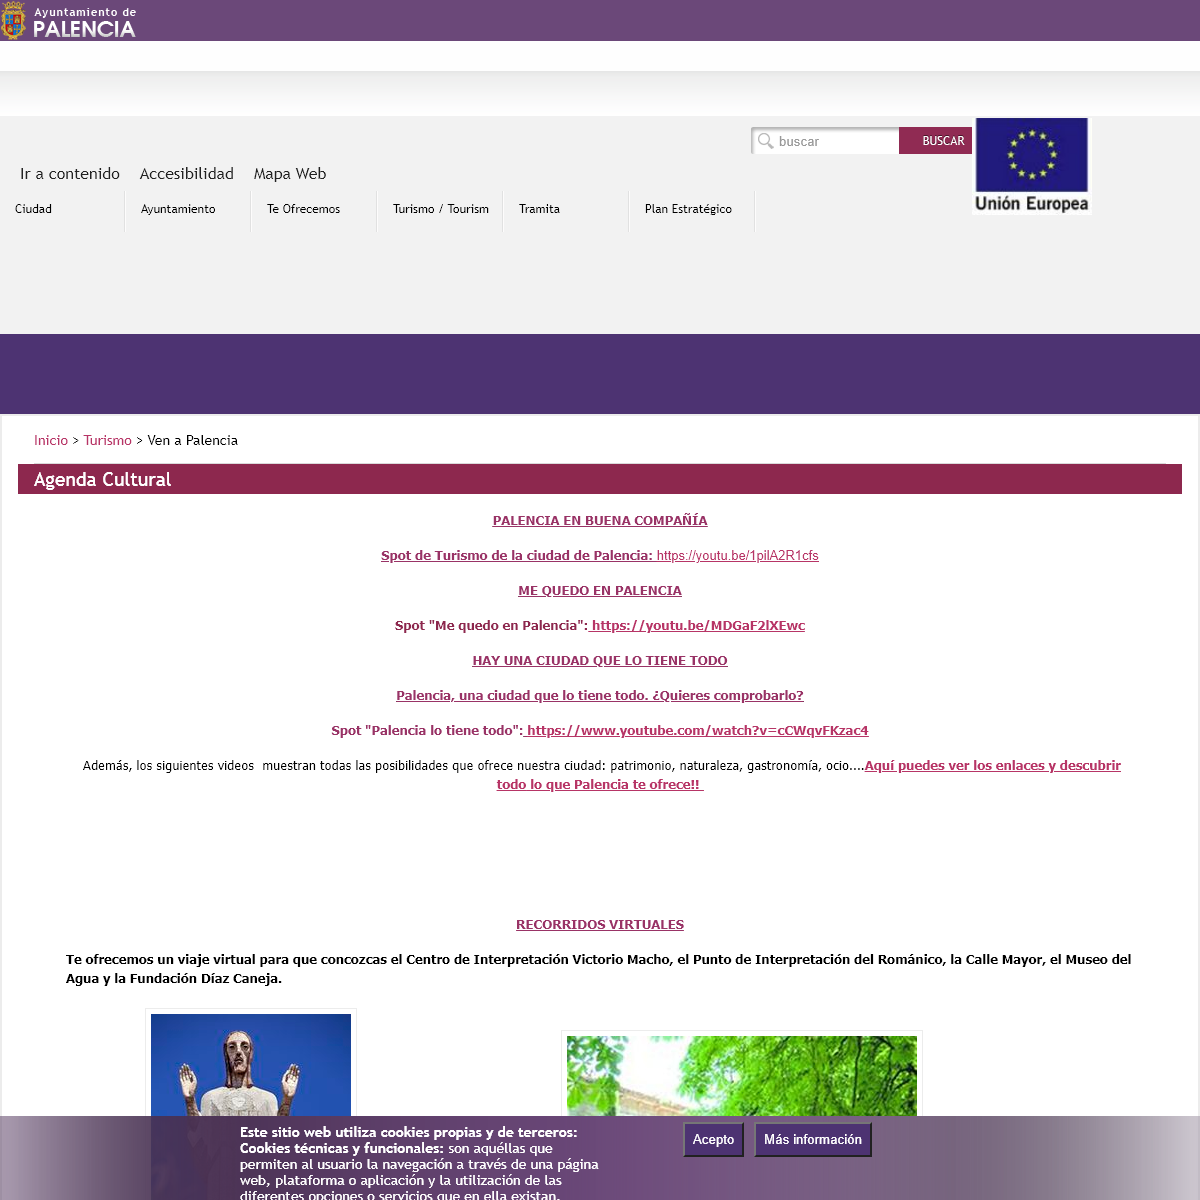 Agenda Cultural - Ayuntamiento de Palencia